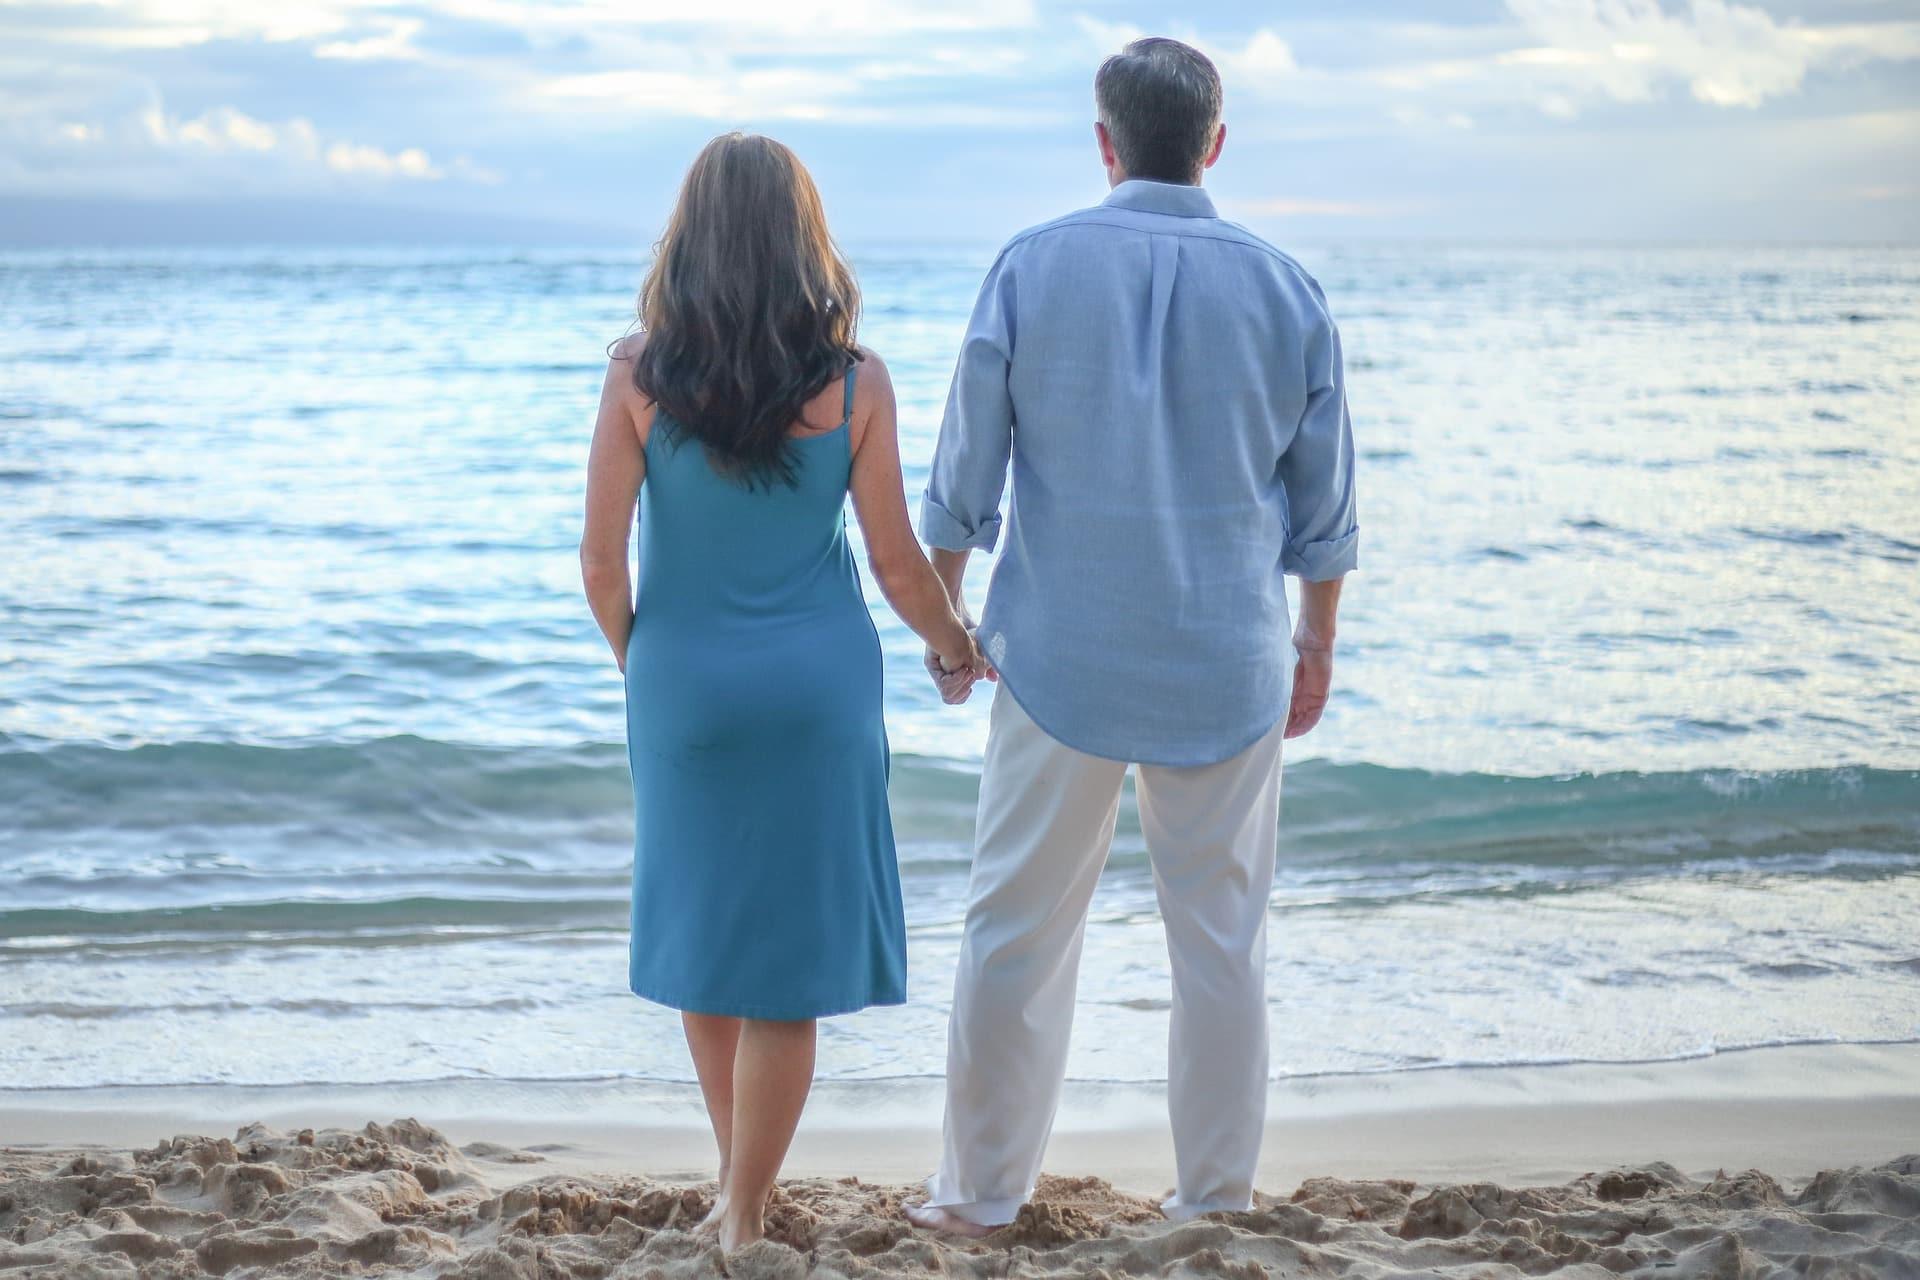 Отношения между пожилым мужчиной и молодой женщиной могут быть стабильными и прочными